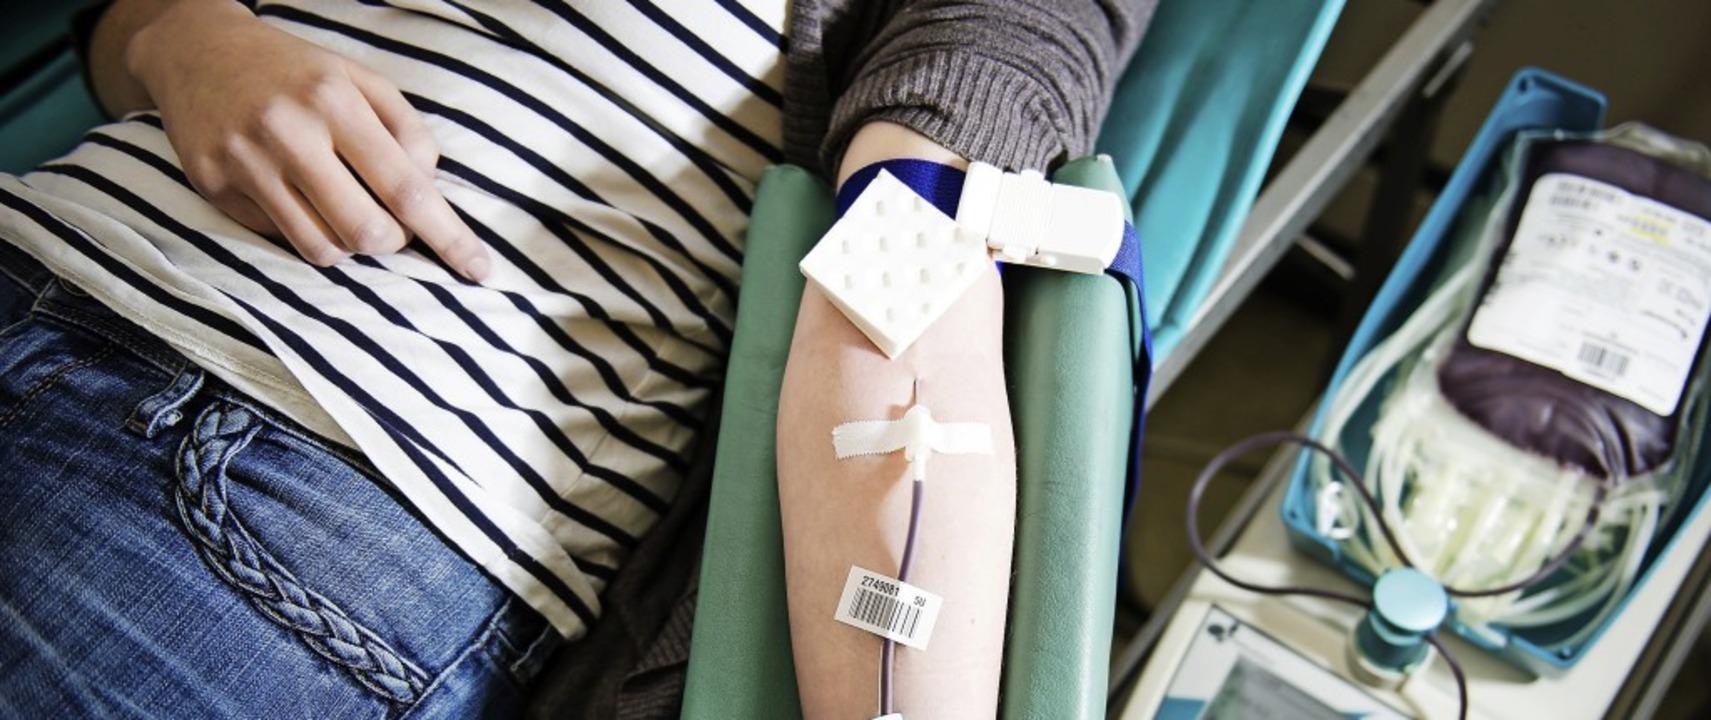 Blutspenden ist keine große Sache, auch der Zeitaufwand ist überschaubar.     Foto: David Ebener